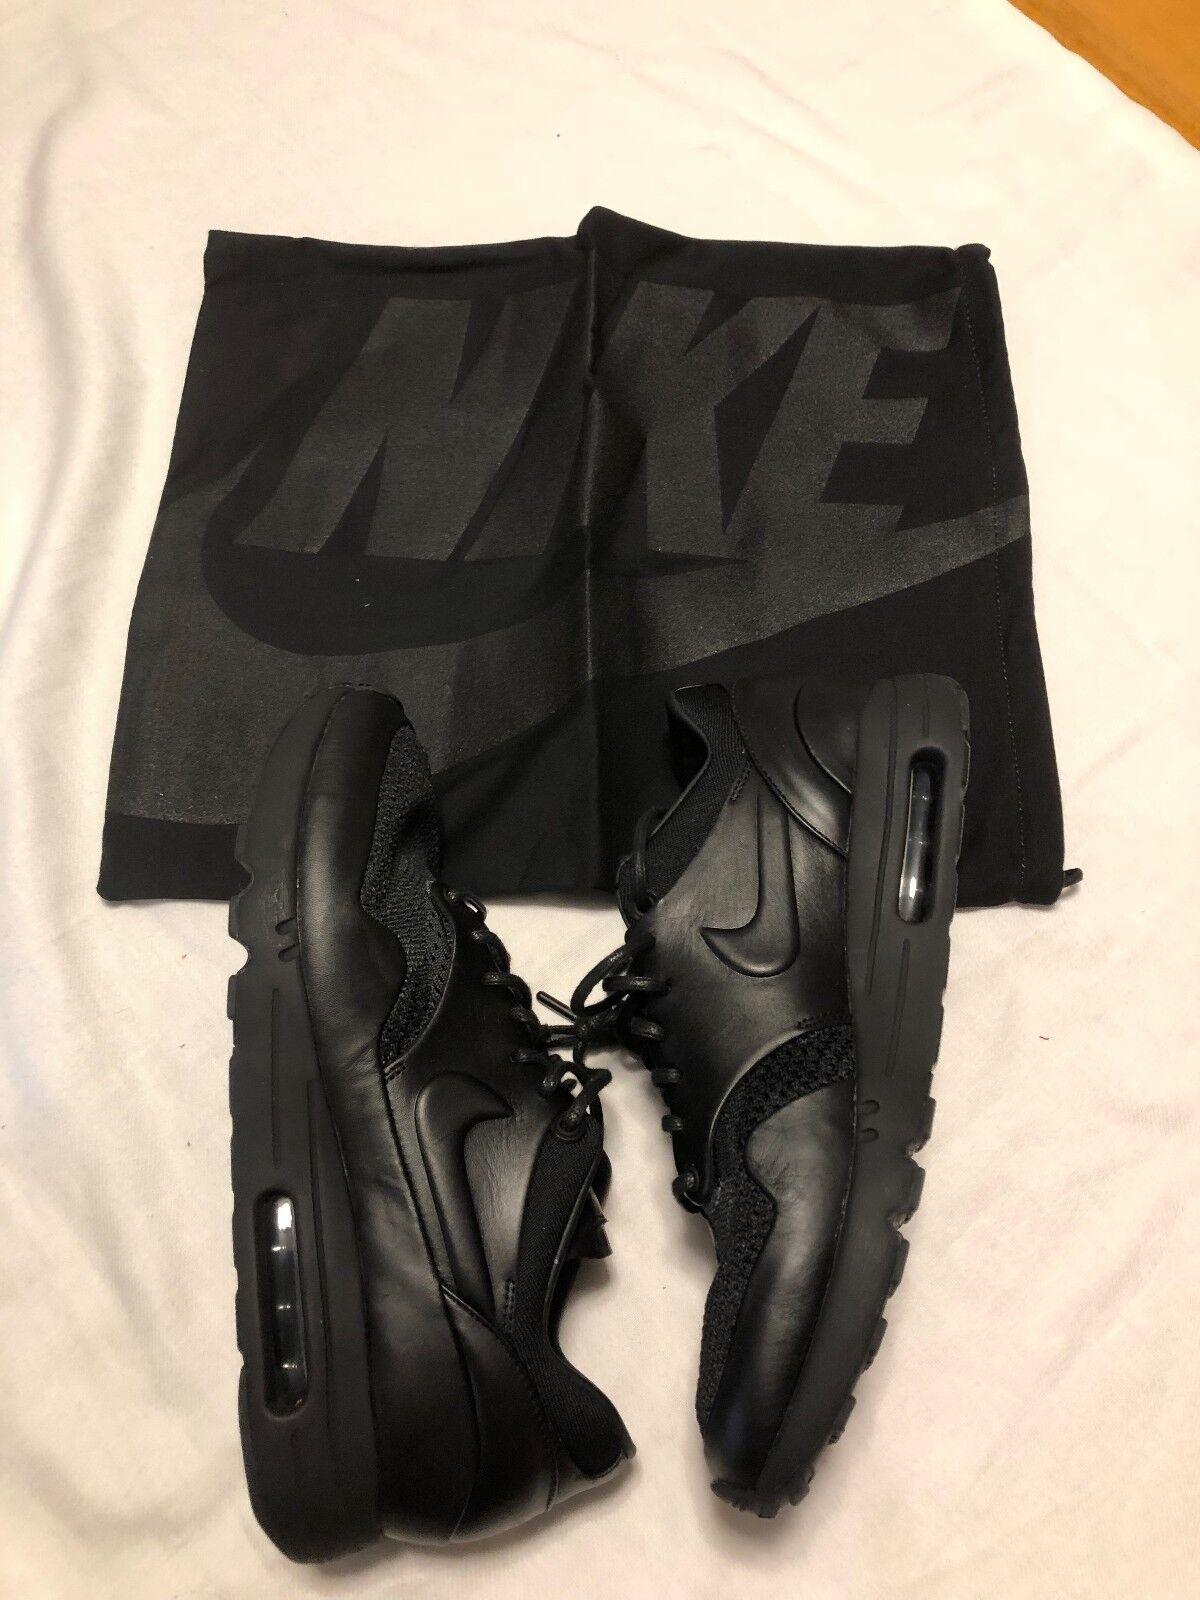 Nike air max 1 flyknit royal arthur huang 923005-001 - sz - box